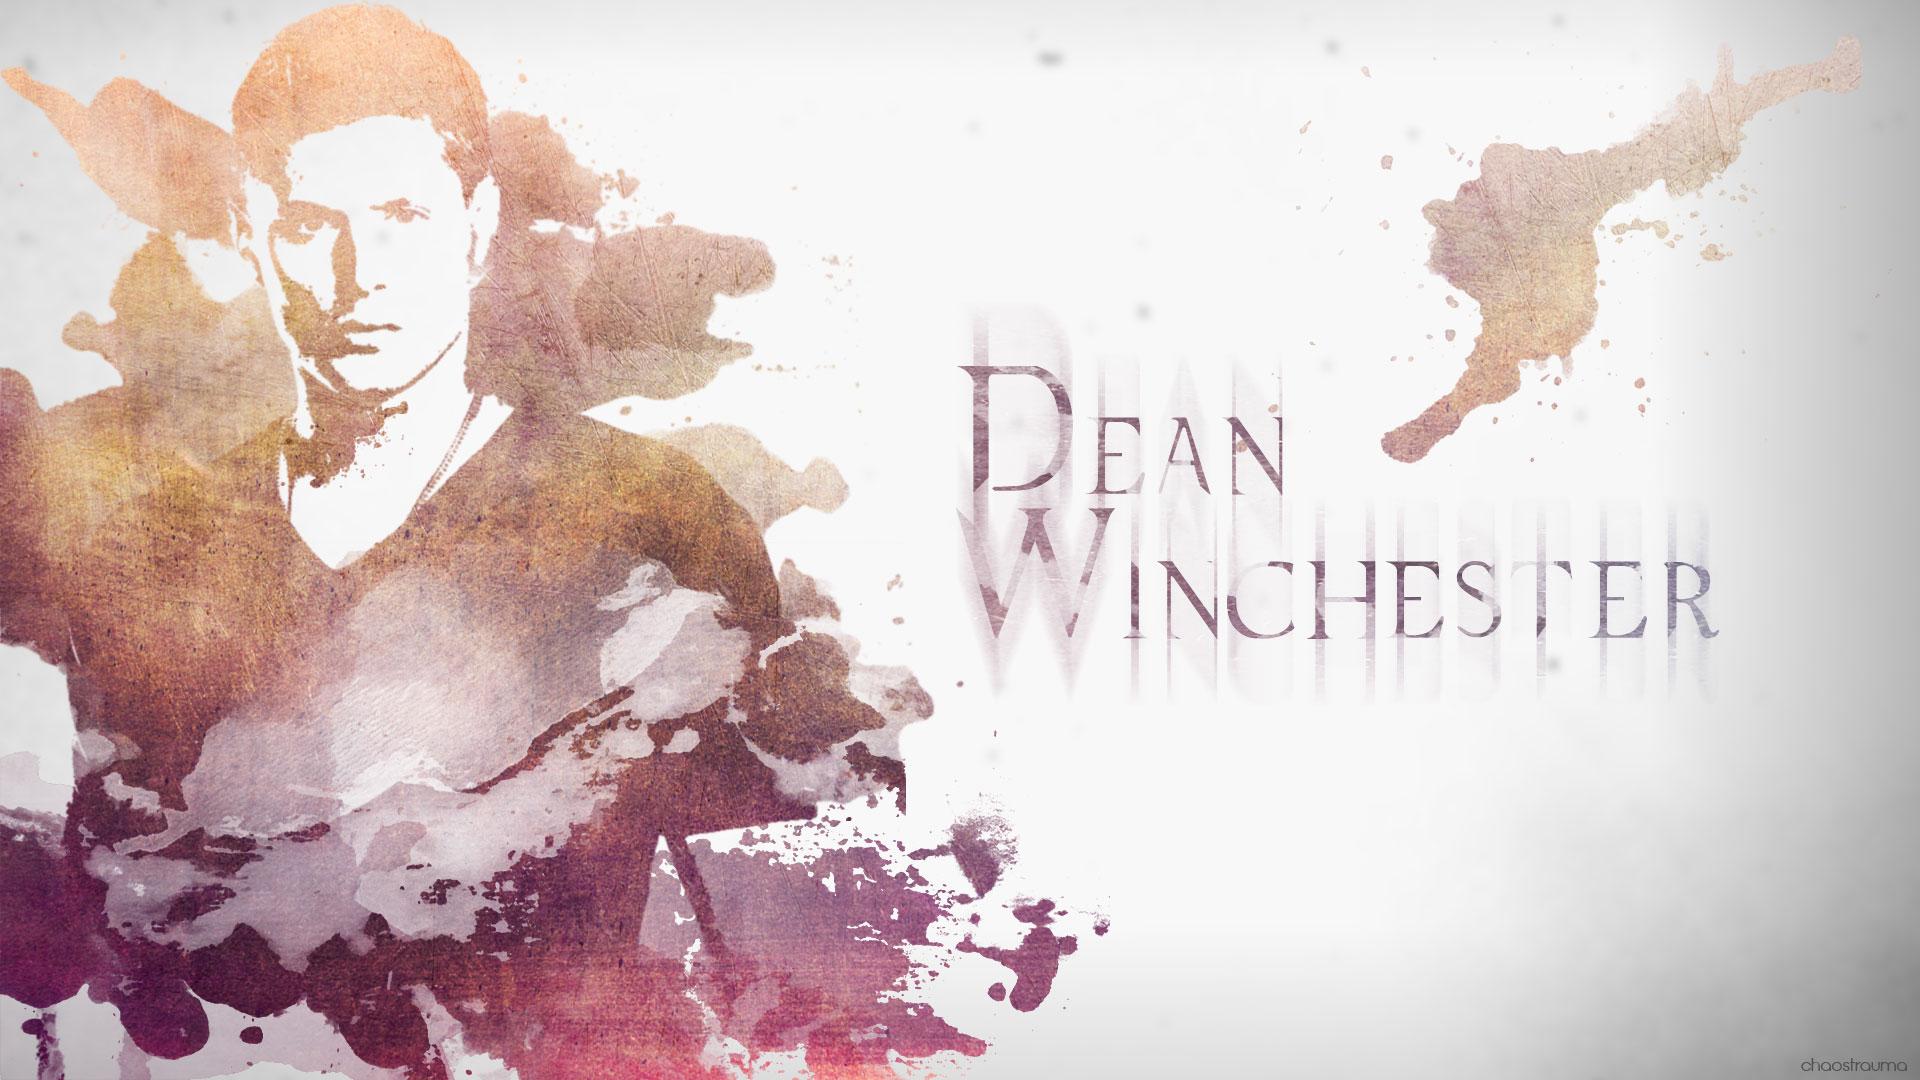 Most Inspiring Wallpaper Logo Supernatural - supernatural_wallpaper___dean_winchester_by_chaostrauma-d8dr4se  Photograph_601769.jpg